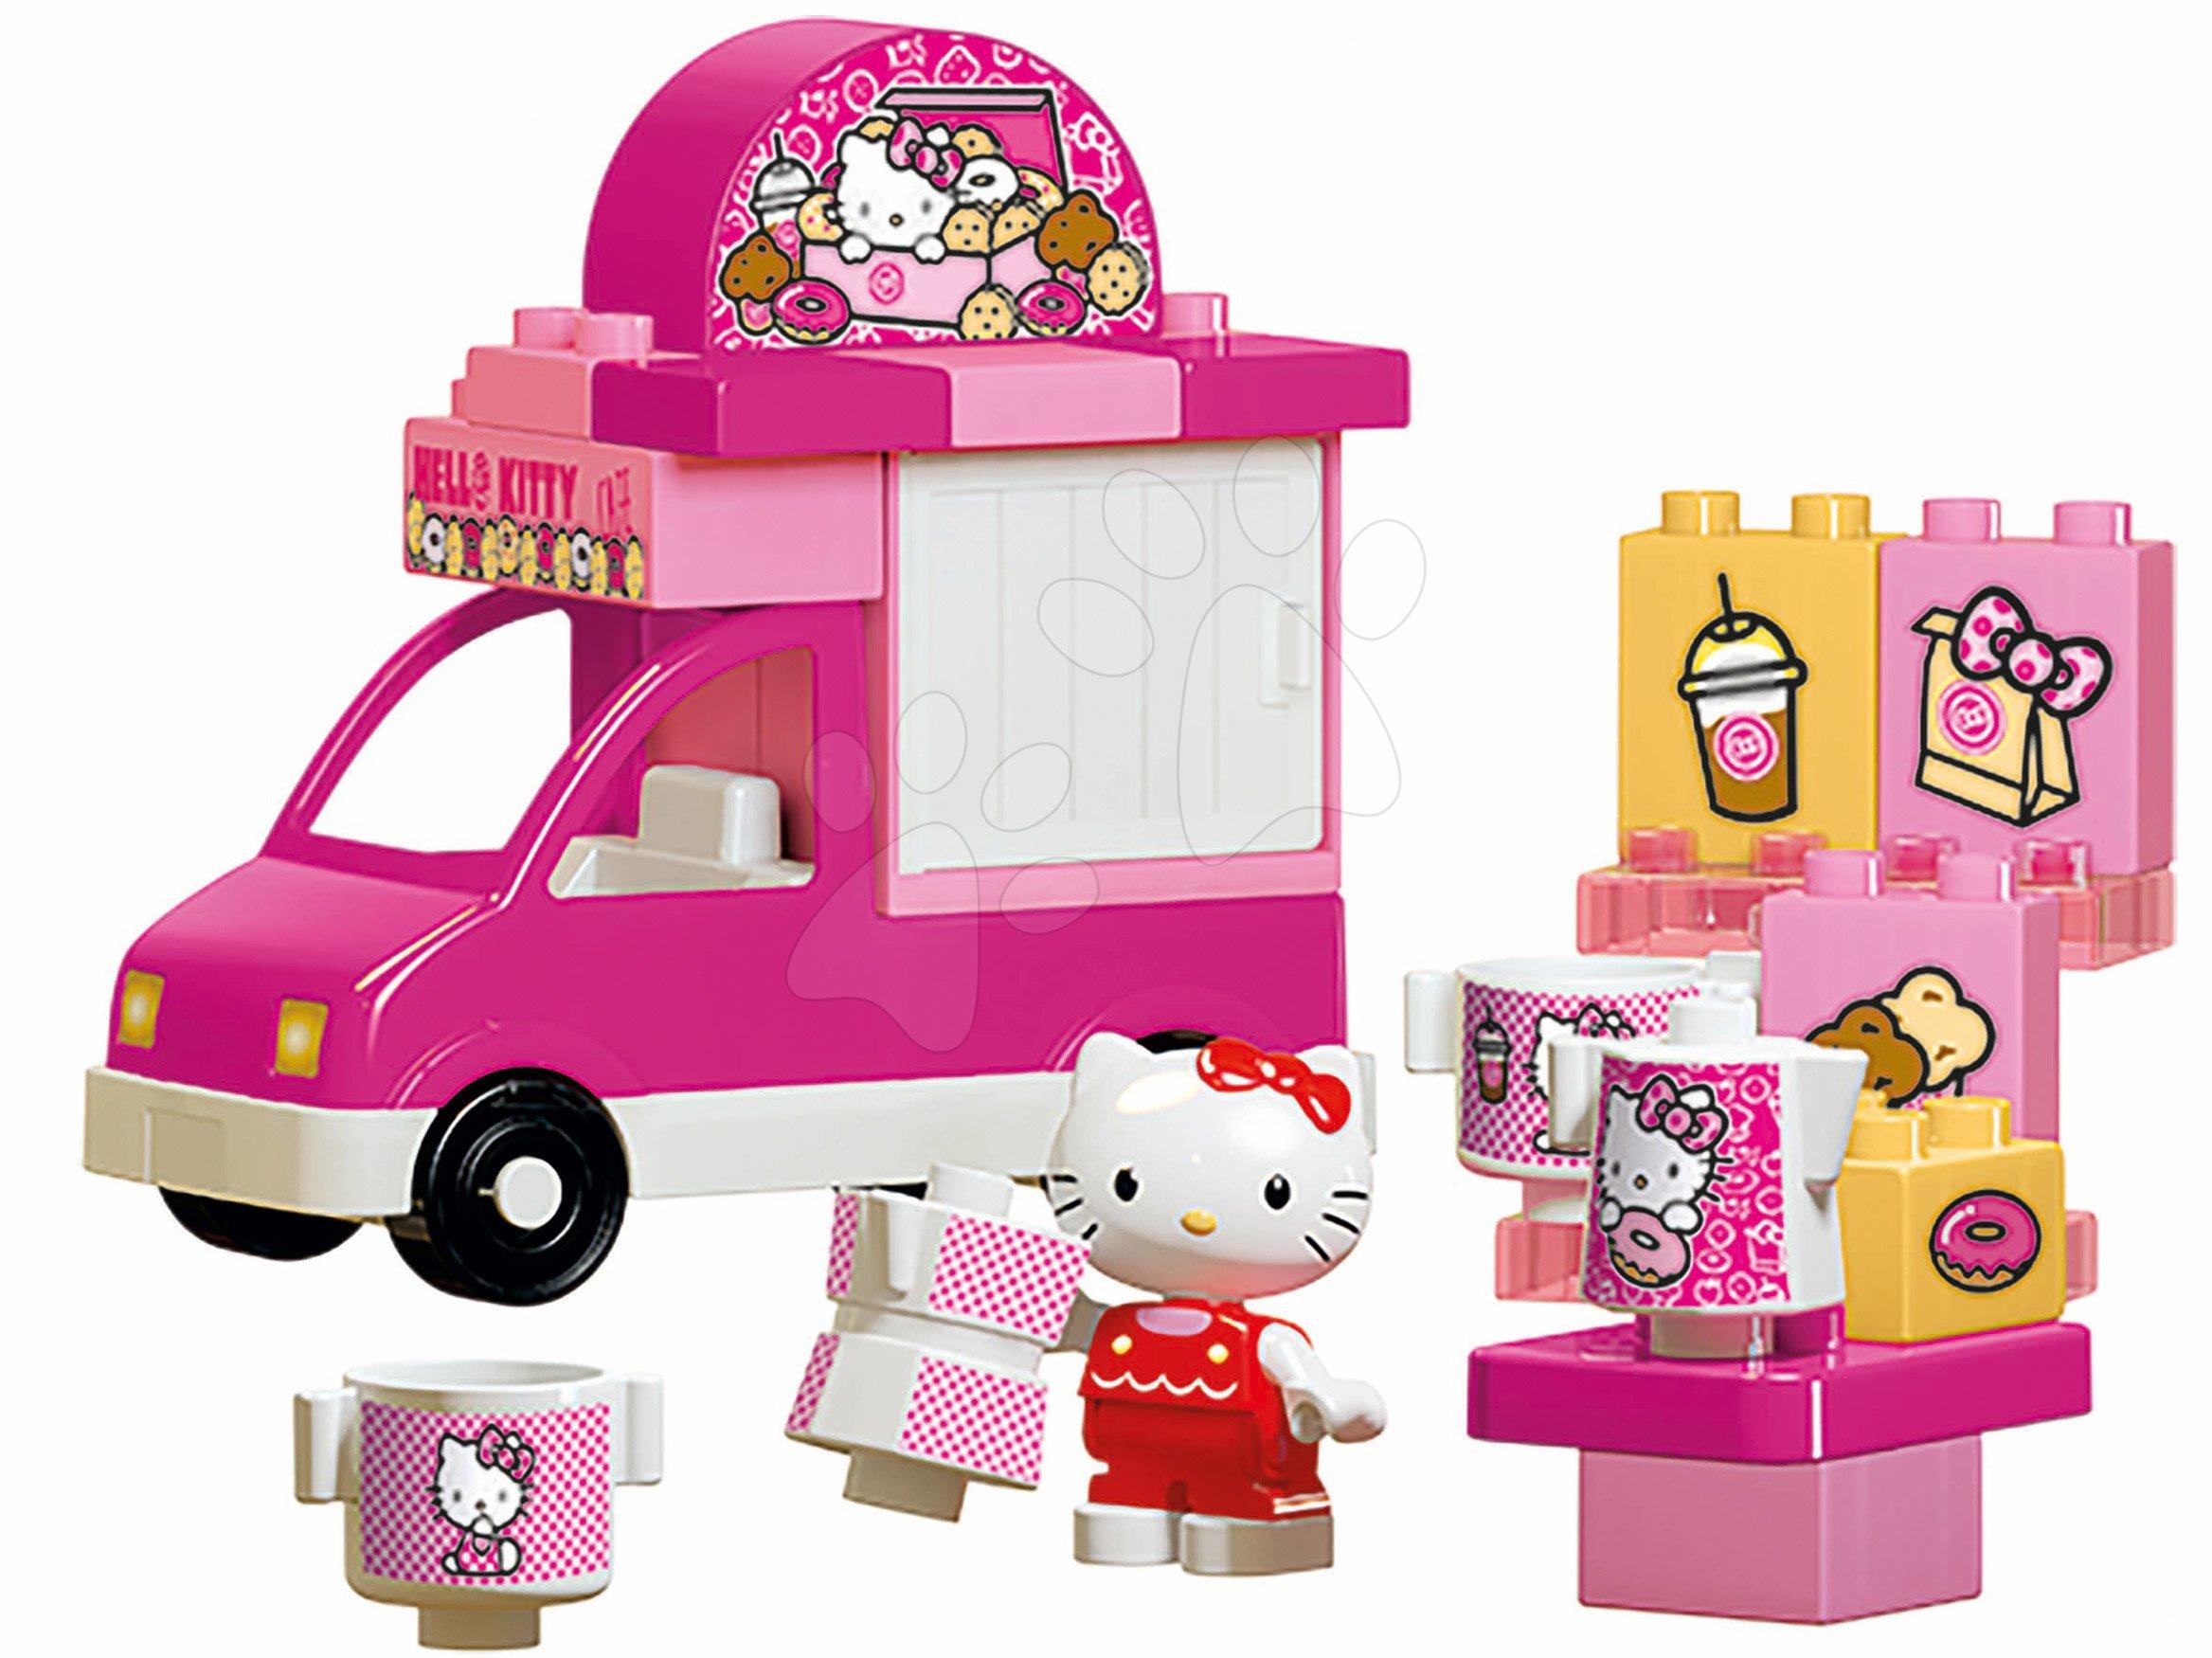 Stavebnica PlayBIG Bloxx Eiswagen BIG Hello Kitty so zmrzlinárskym autom a kornútkami 26 dielov od 18 mes